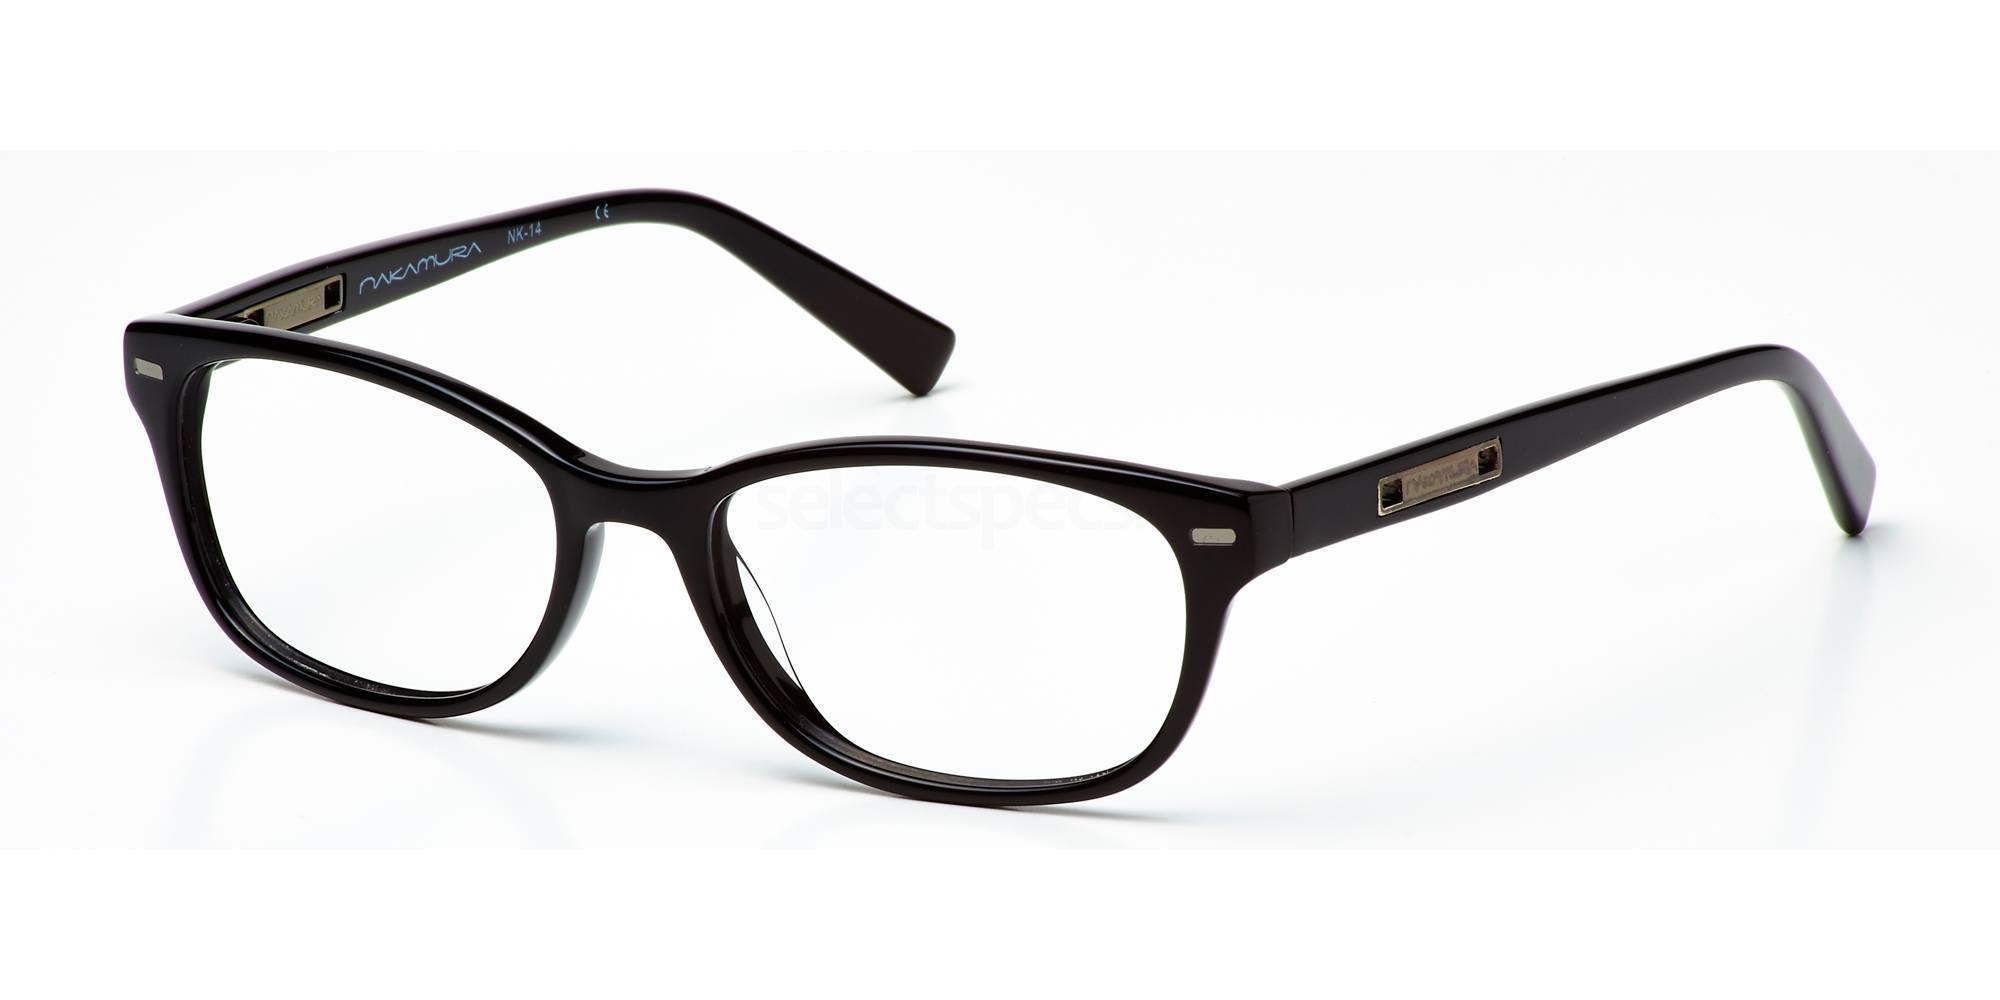 C1 NK14 Glasses, Nakamura